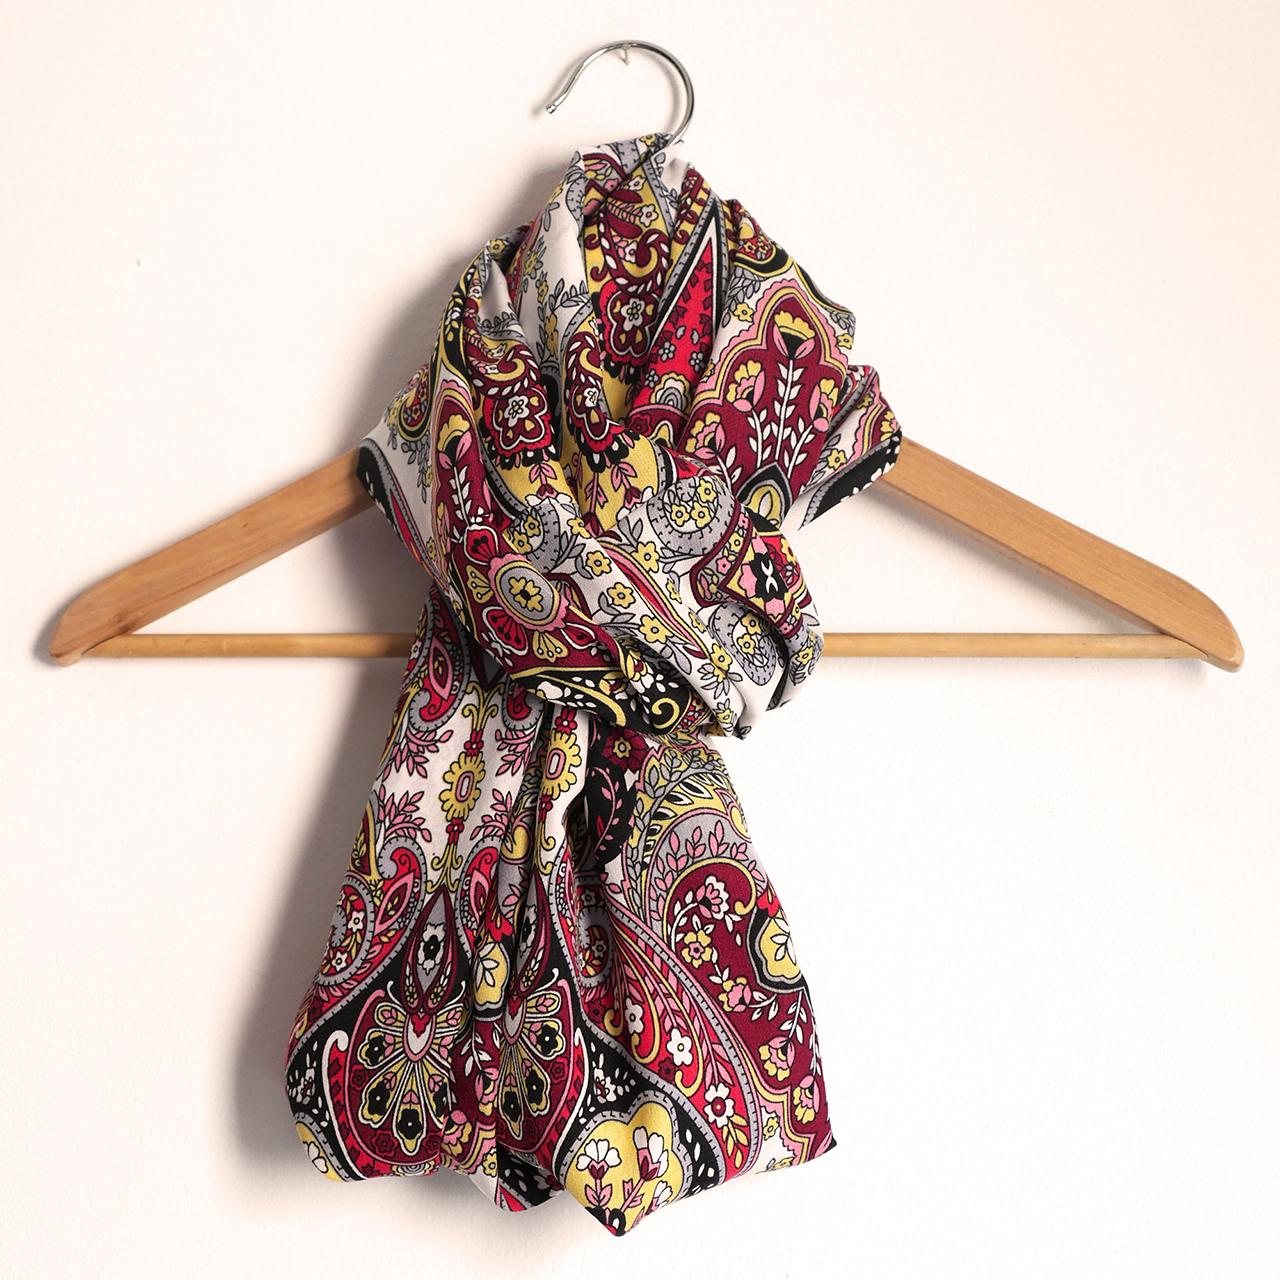 Snood foulard femme écharpe mi-saison motifs variés fleurs arabesques  multicolore rouge noir jaune mode 64ad2910076